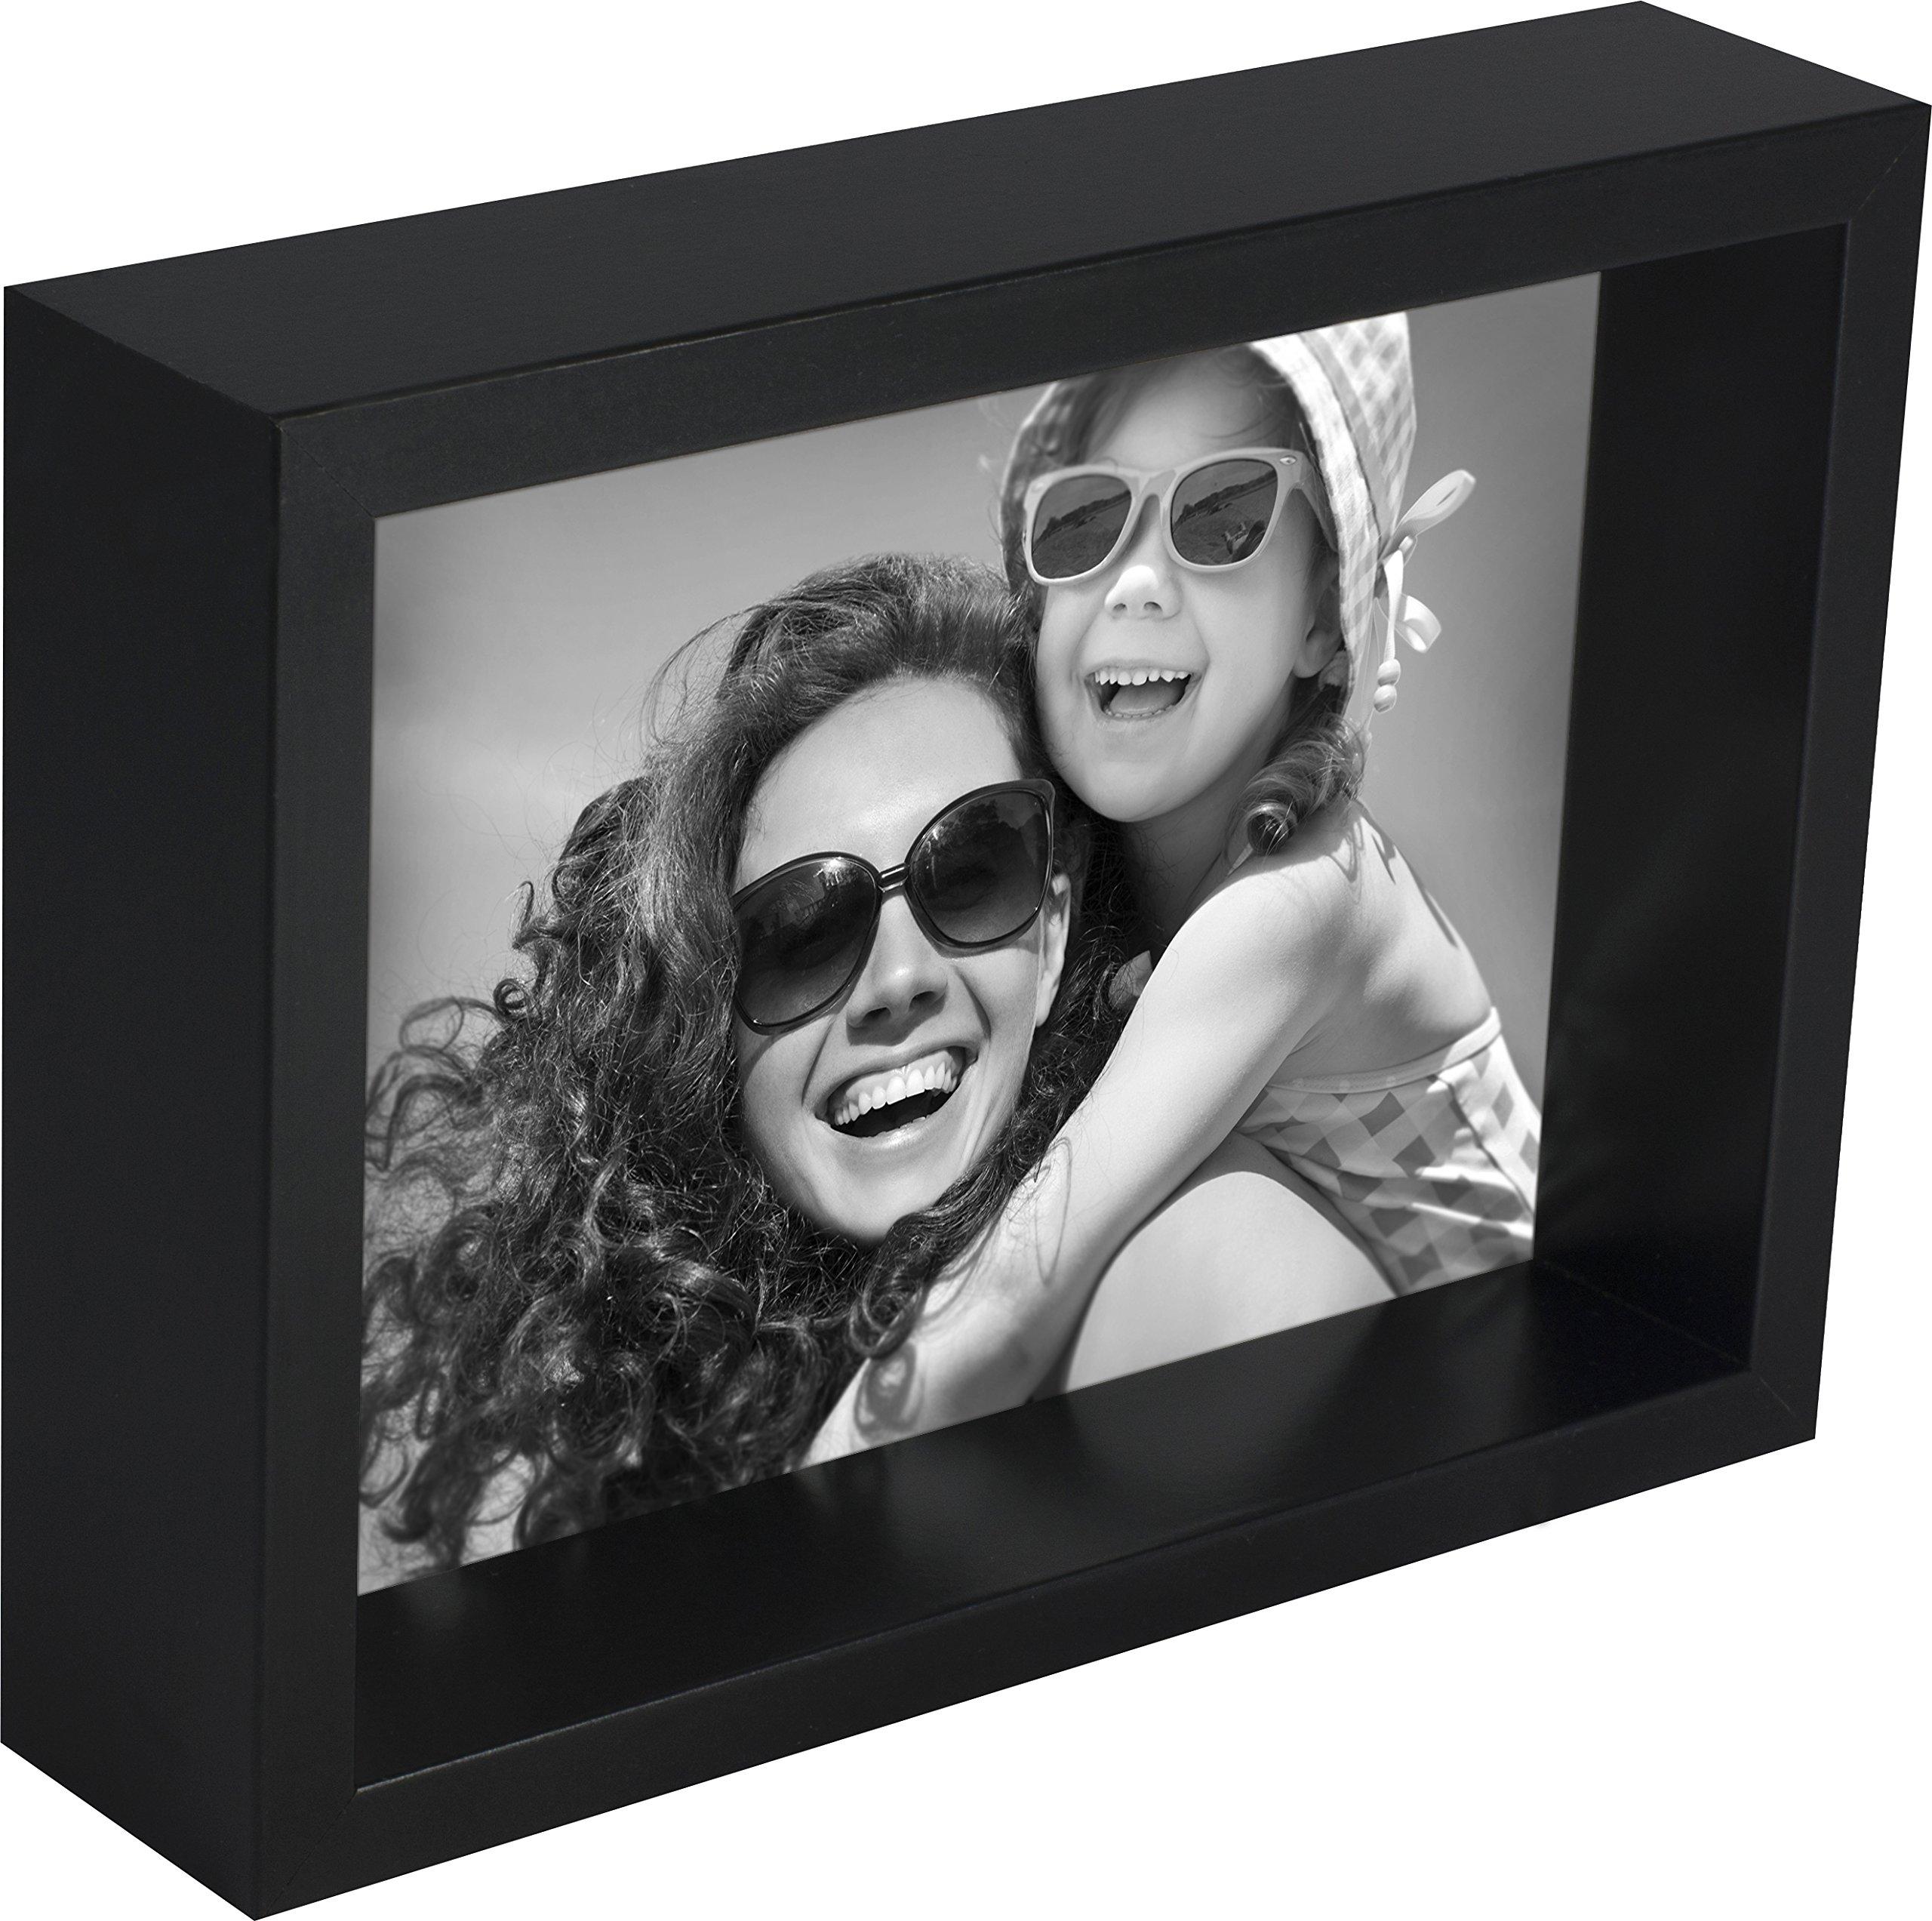 BD ART 10 x 15 cm Box Cadre Photo, Noir product image